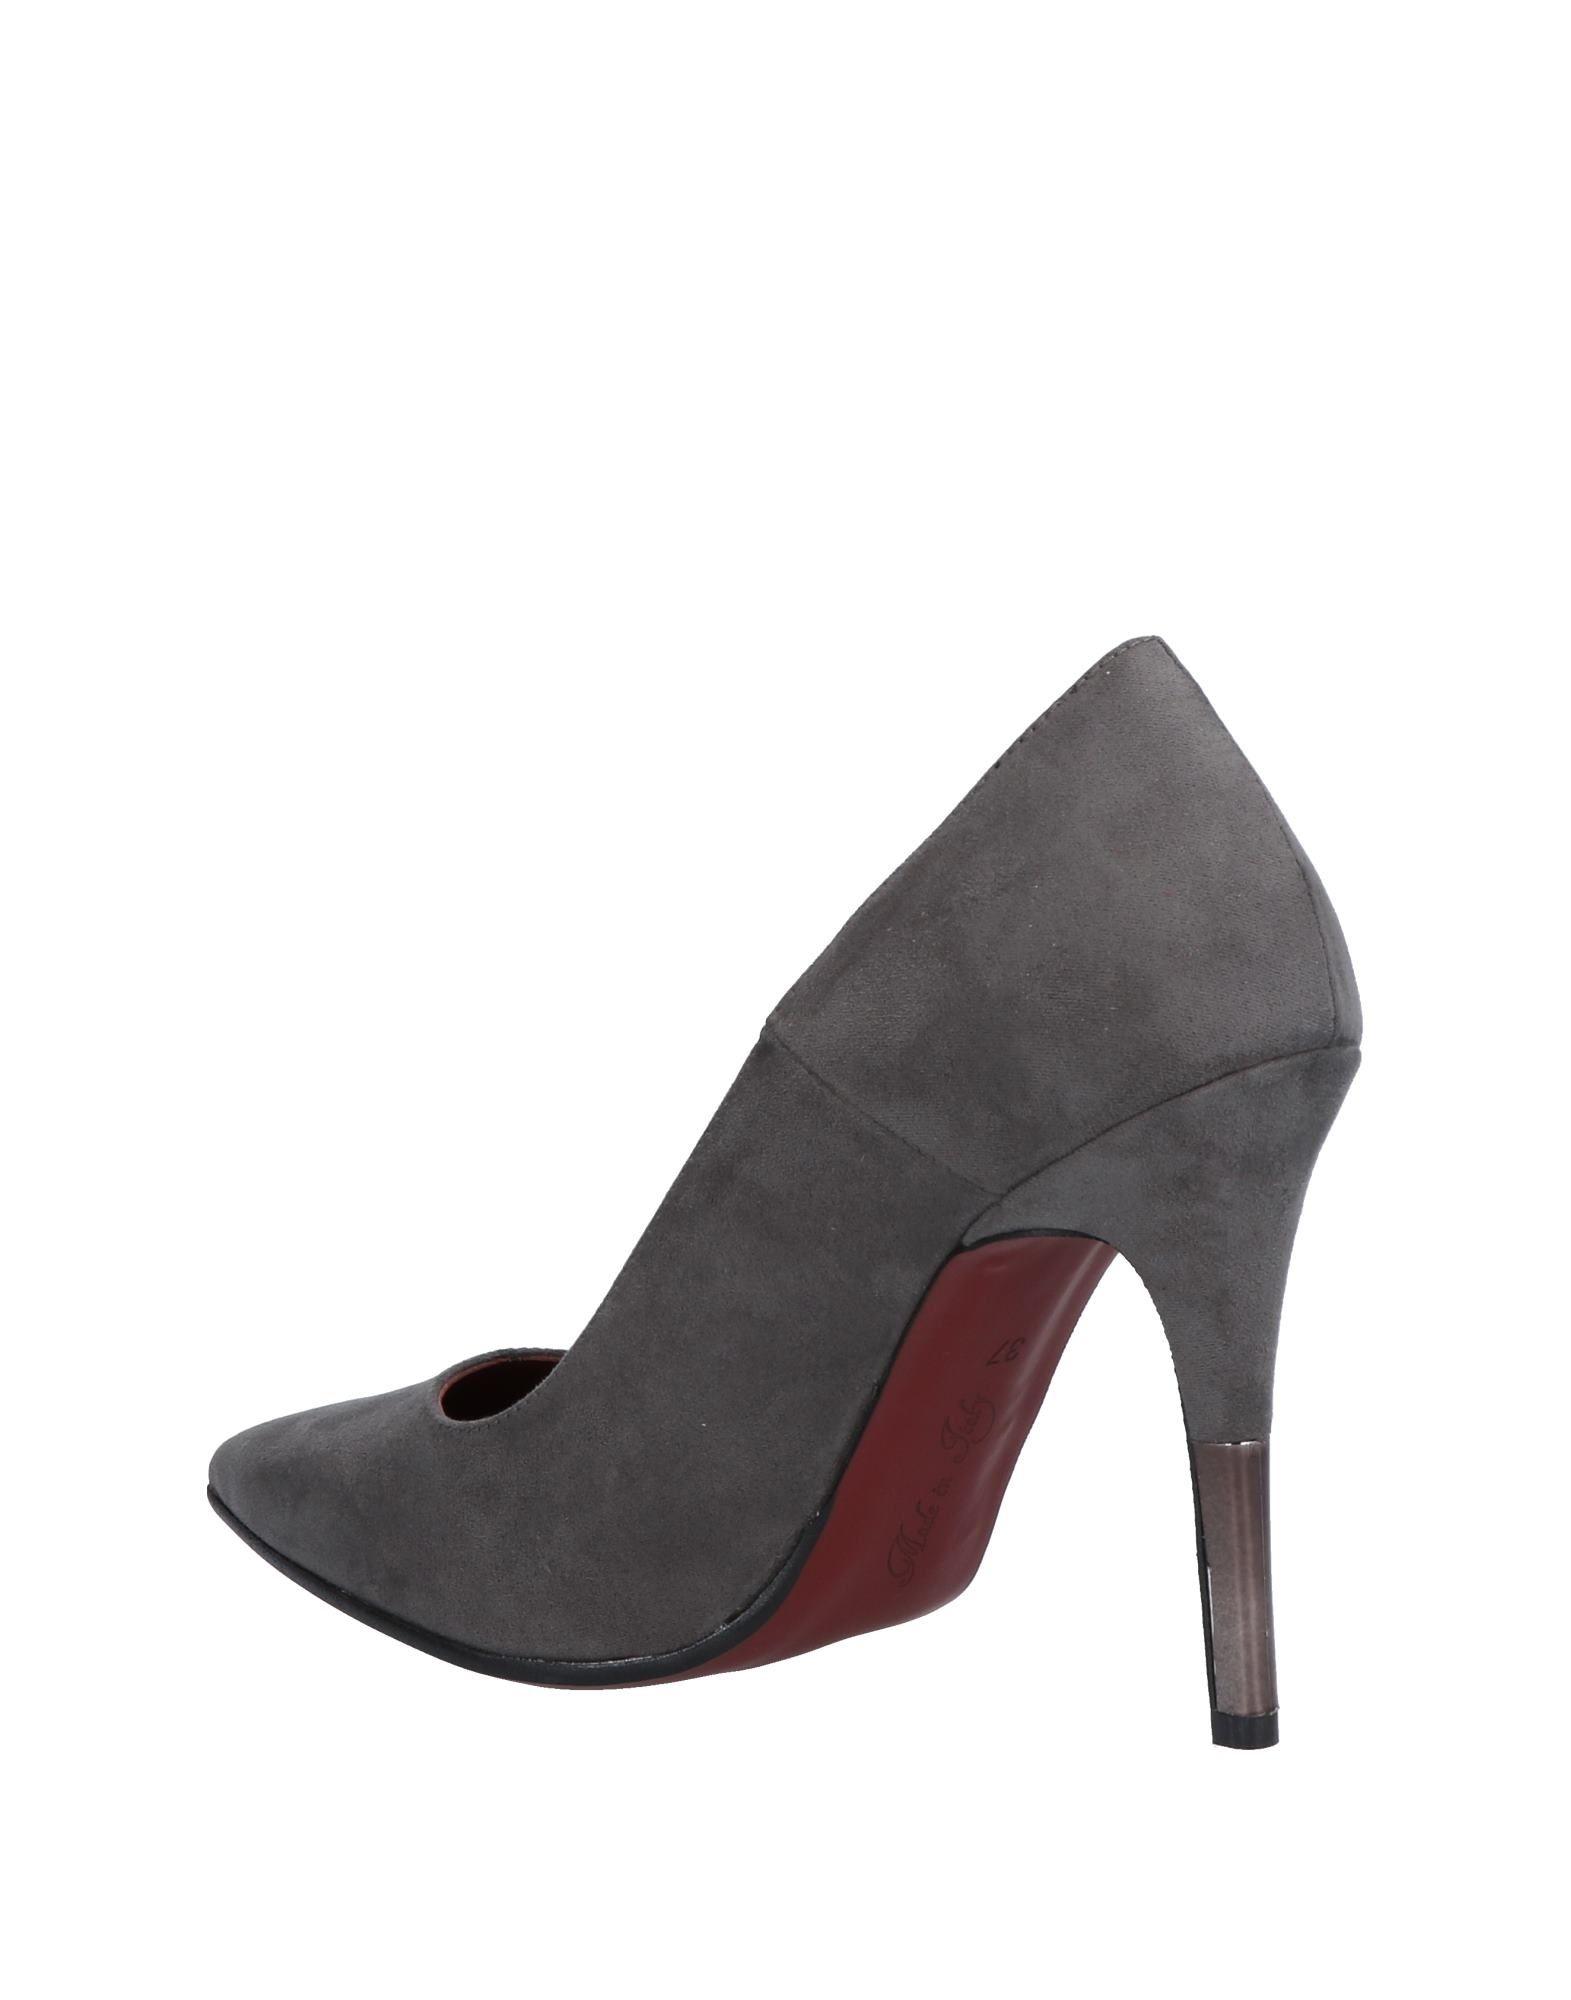 Nila & Nila Pumps Neue Damen  11474996DO Neue Pumps Schuhe fa9874